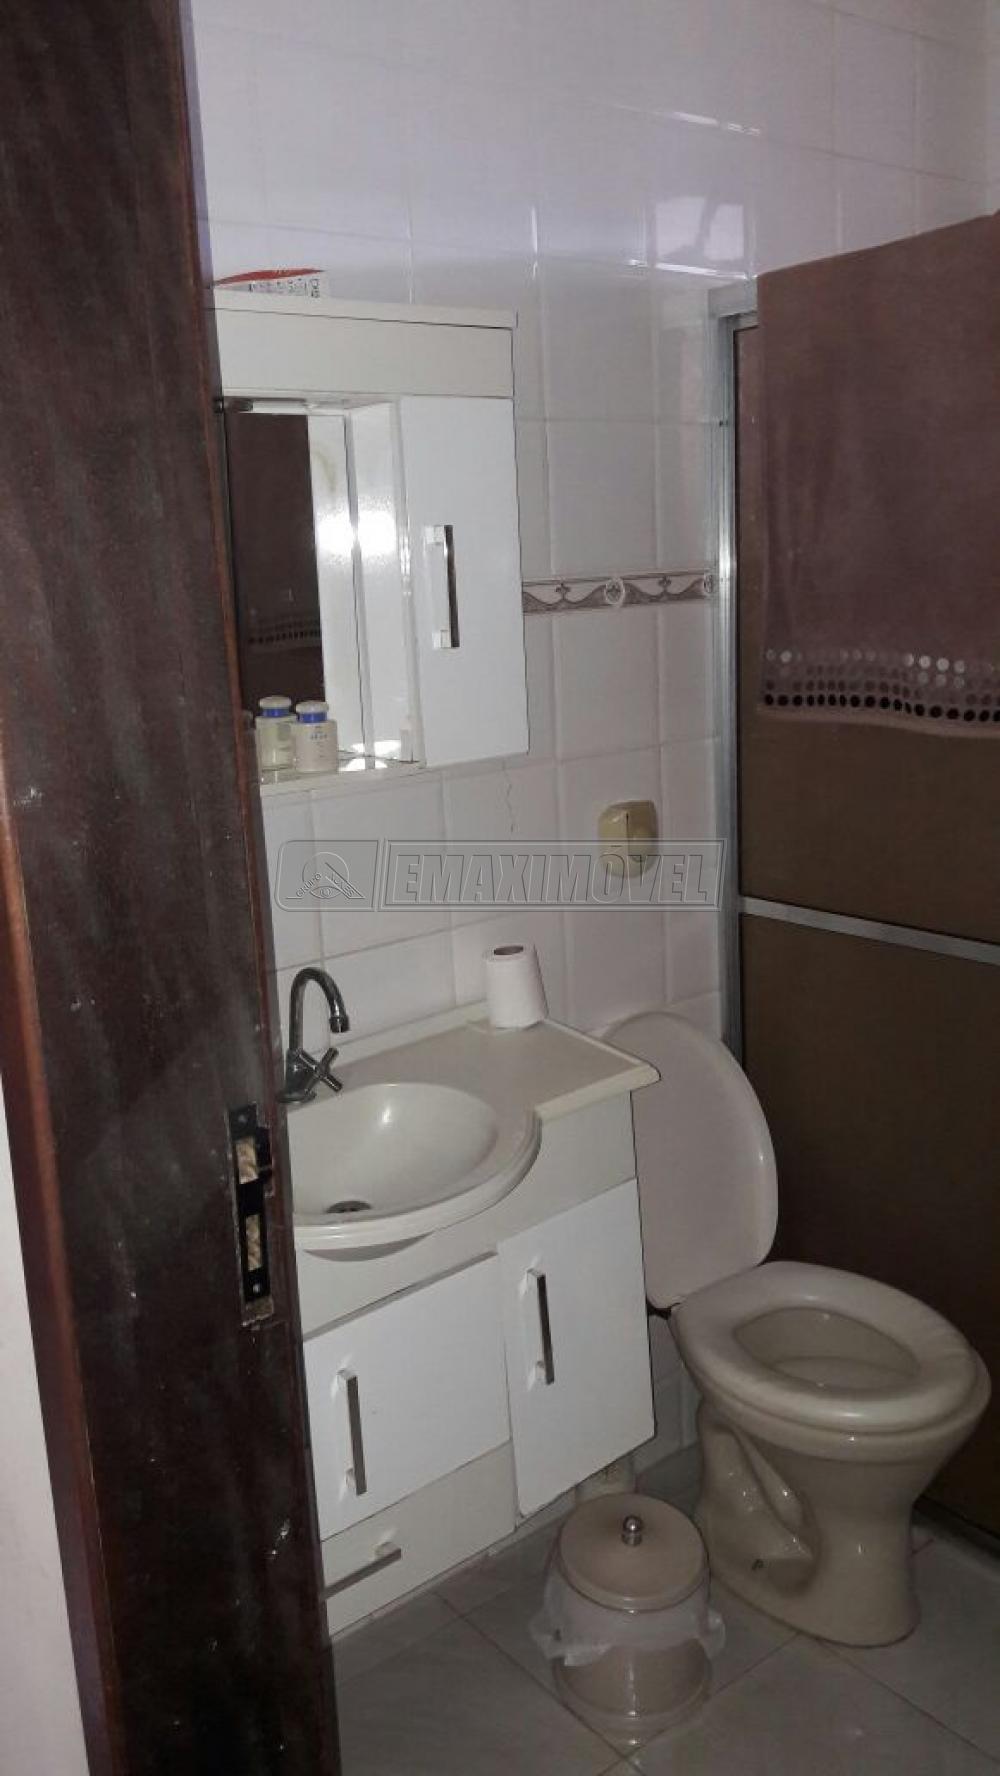 Comprar Casas / em Bairros em Araçoiaba da Serra apenas R$ 260.000,00 - Foto 12